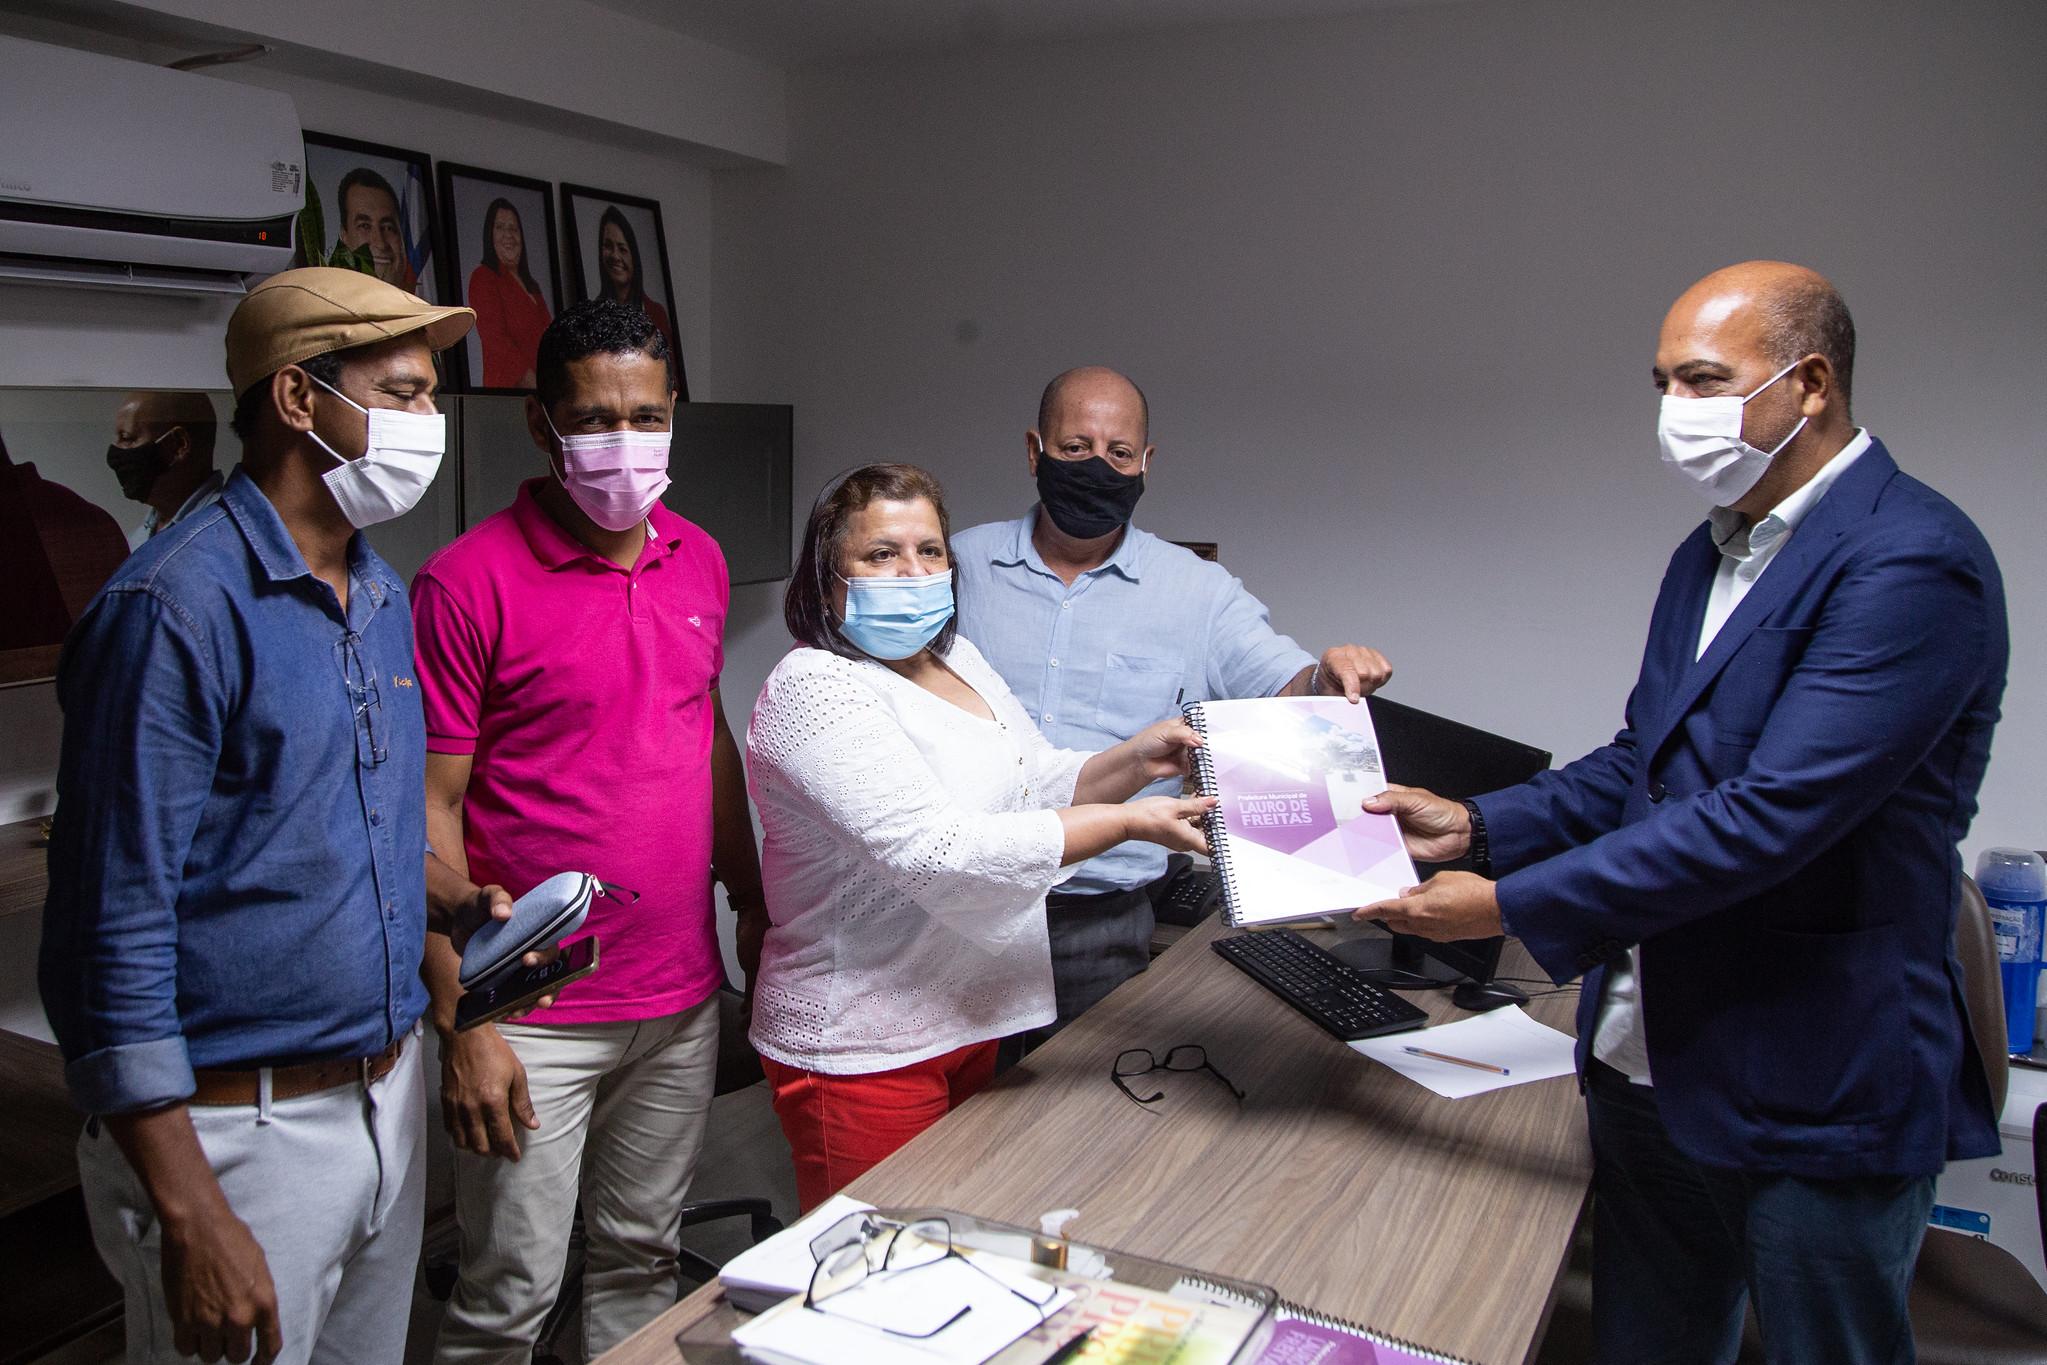 PLOA é entregue à Câmara de Vereadores de Lauro de Freitas para votação